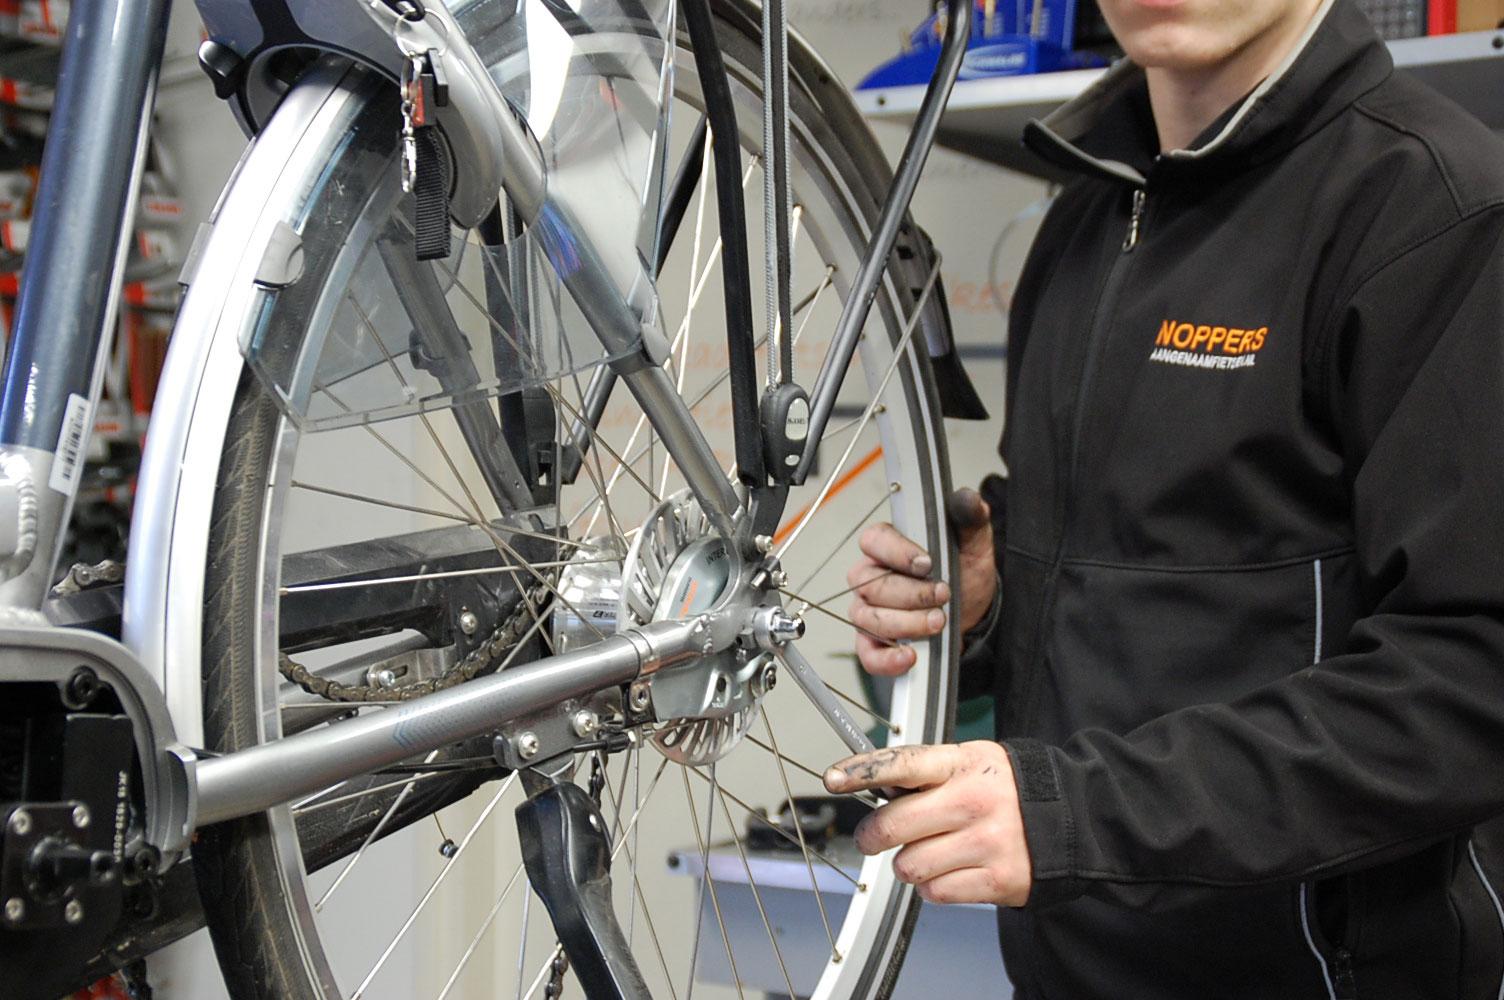 Aangenaam fietsen<br>het hele jaar door<br />